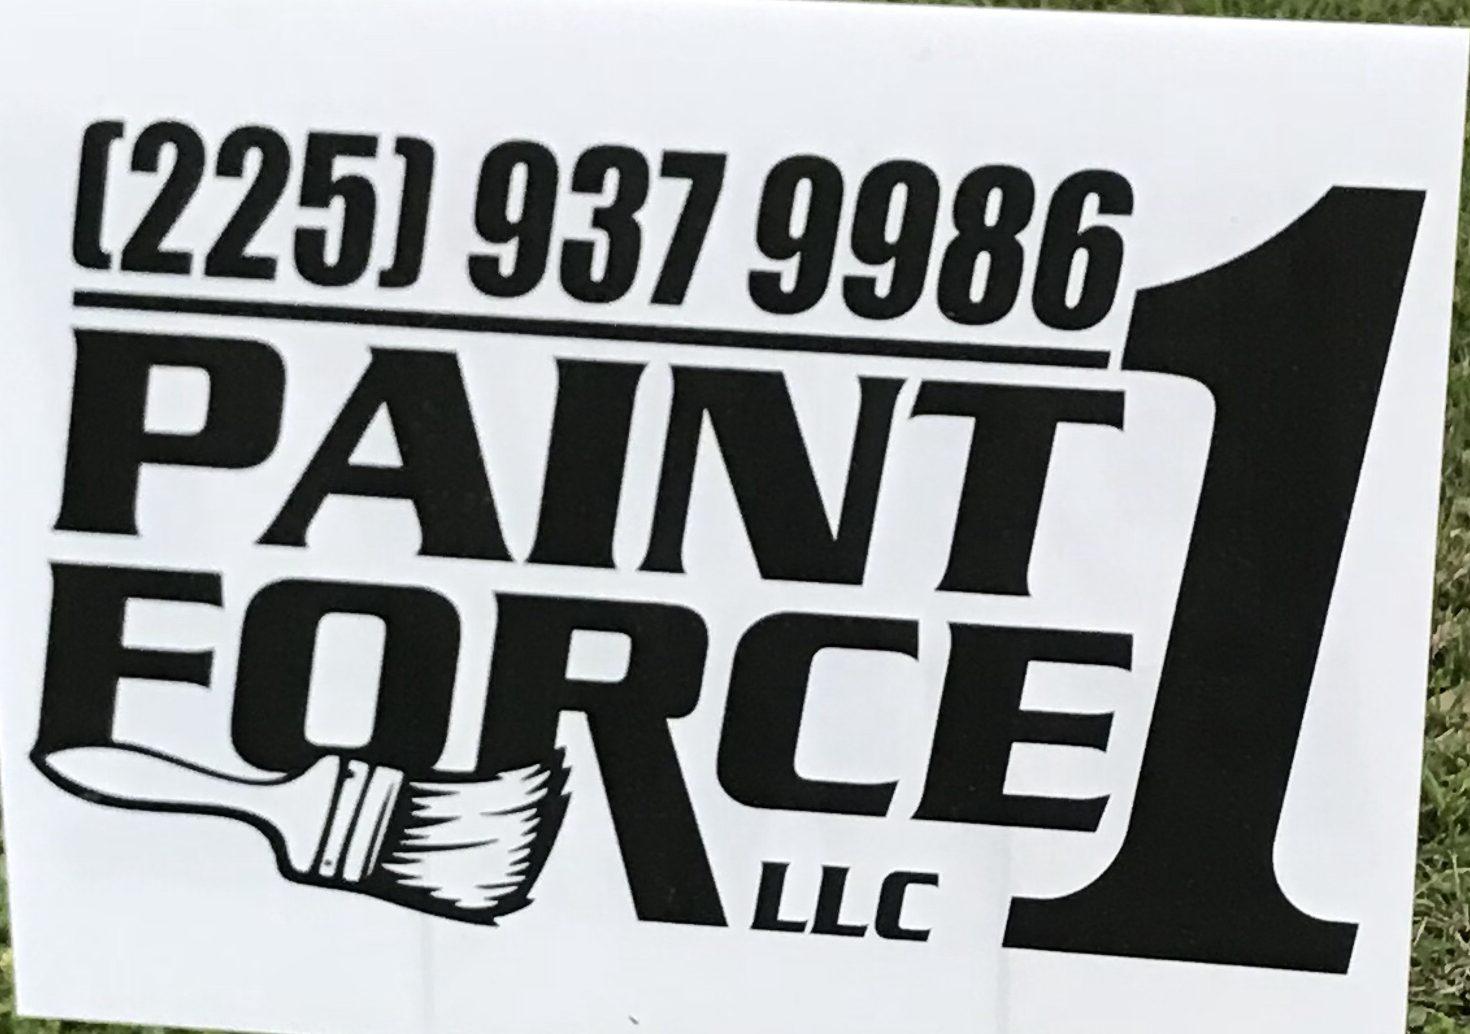 PaintForce1, LLC Painting Service in Baton Rouge,La.